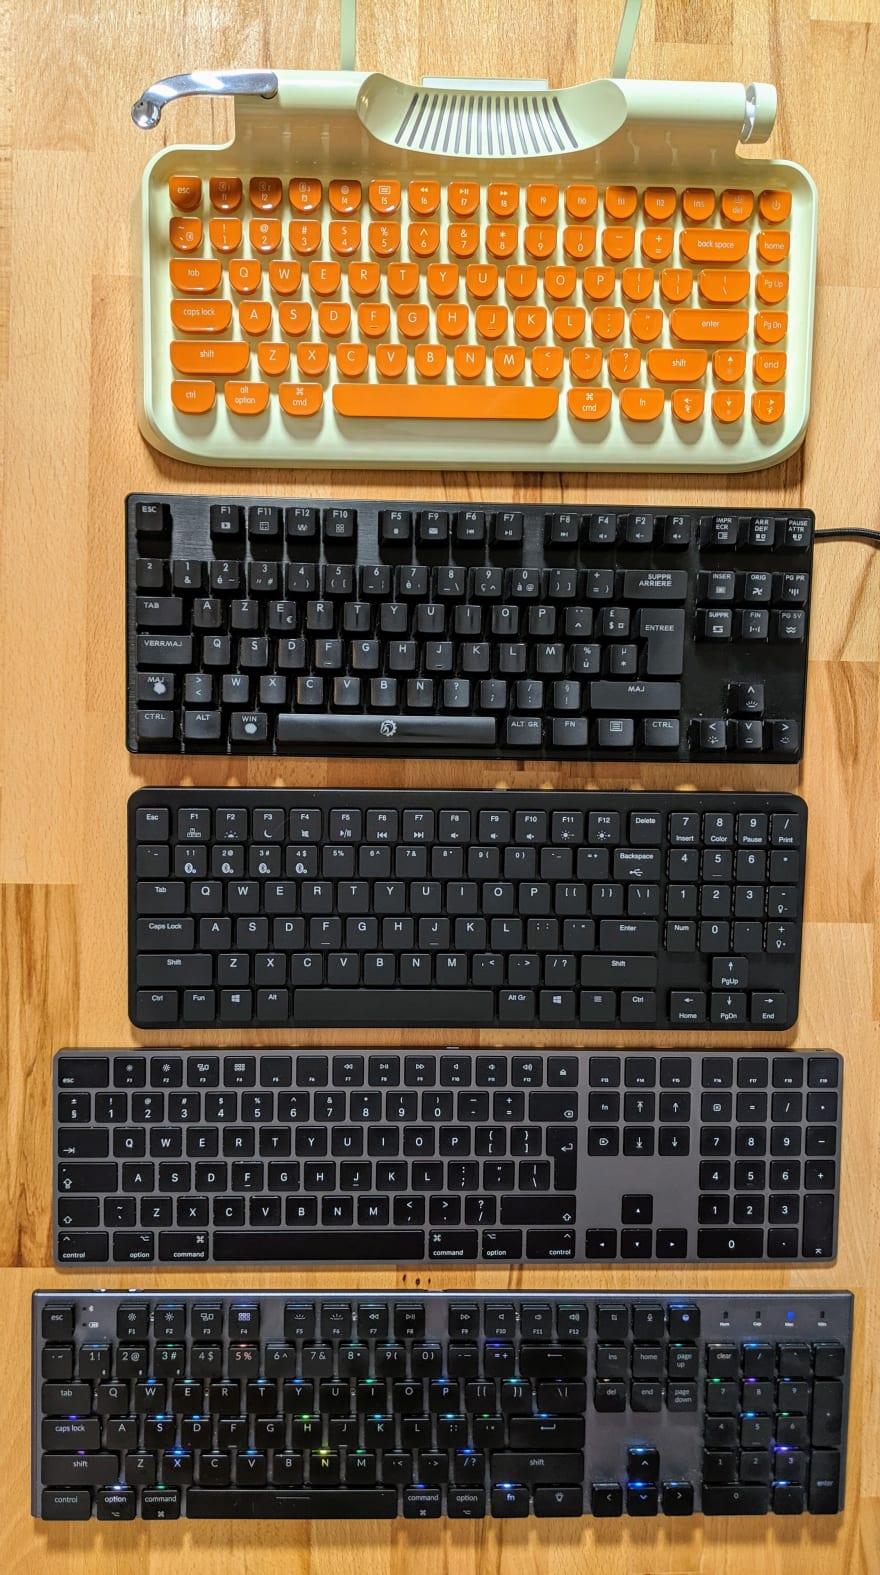 Keyboards wassim chegham